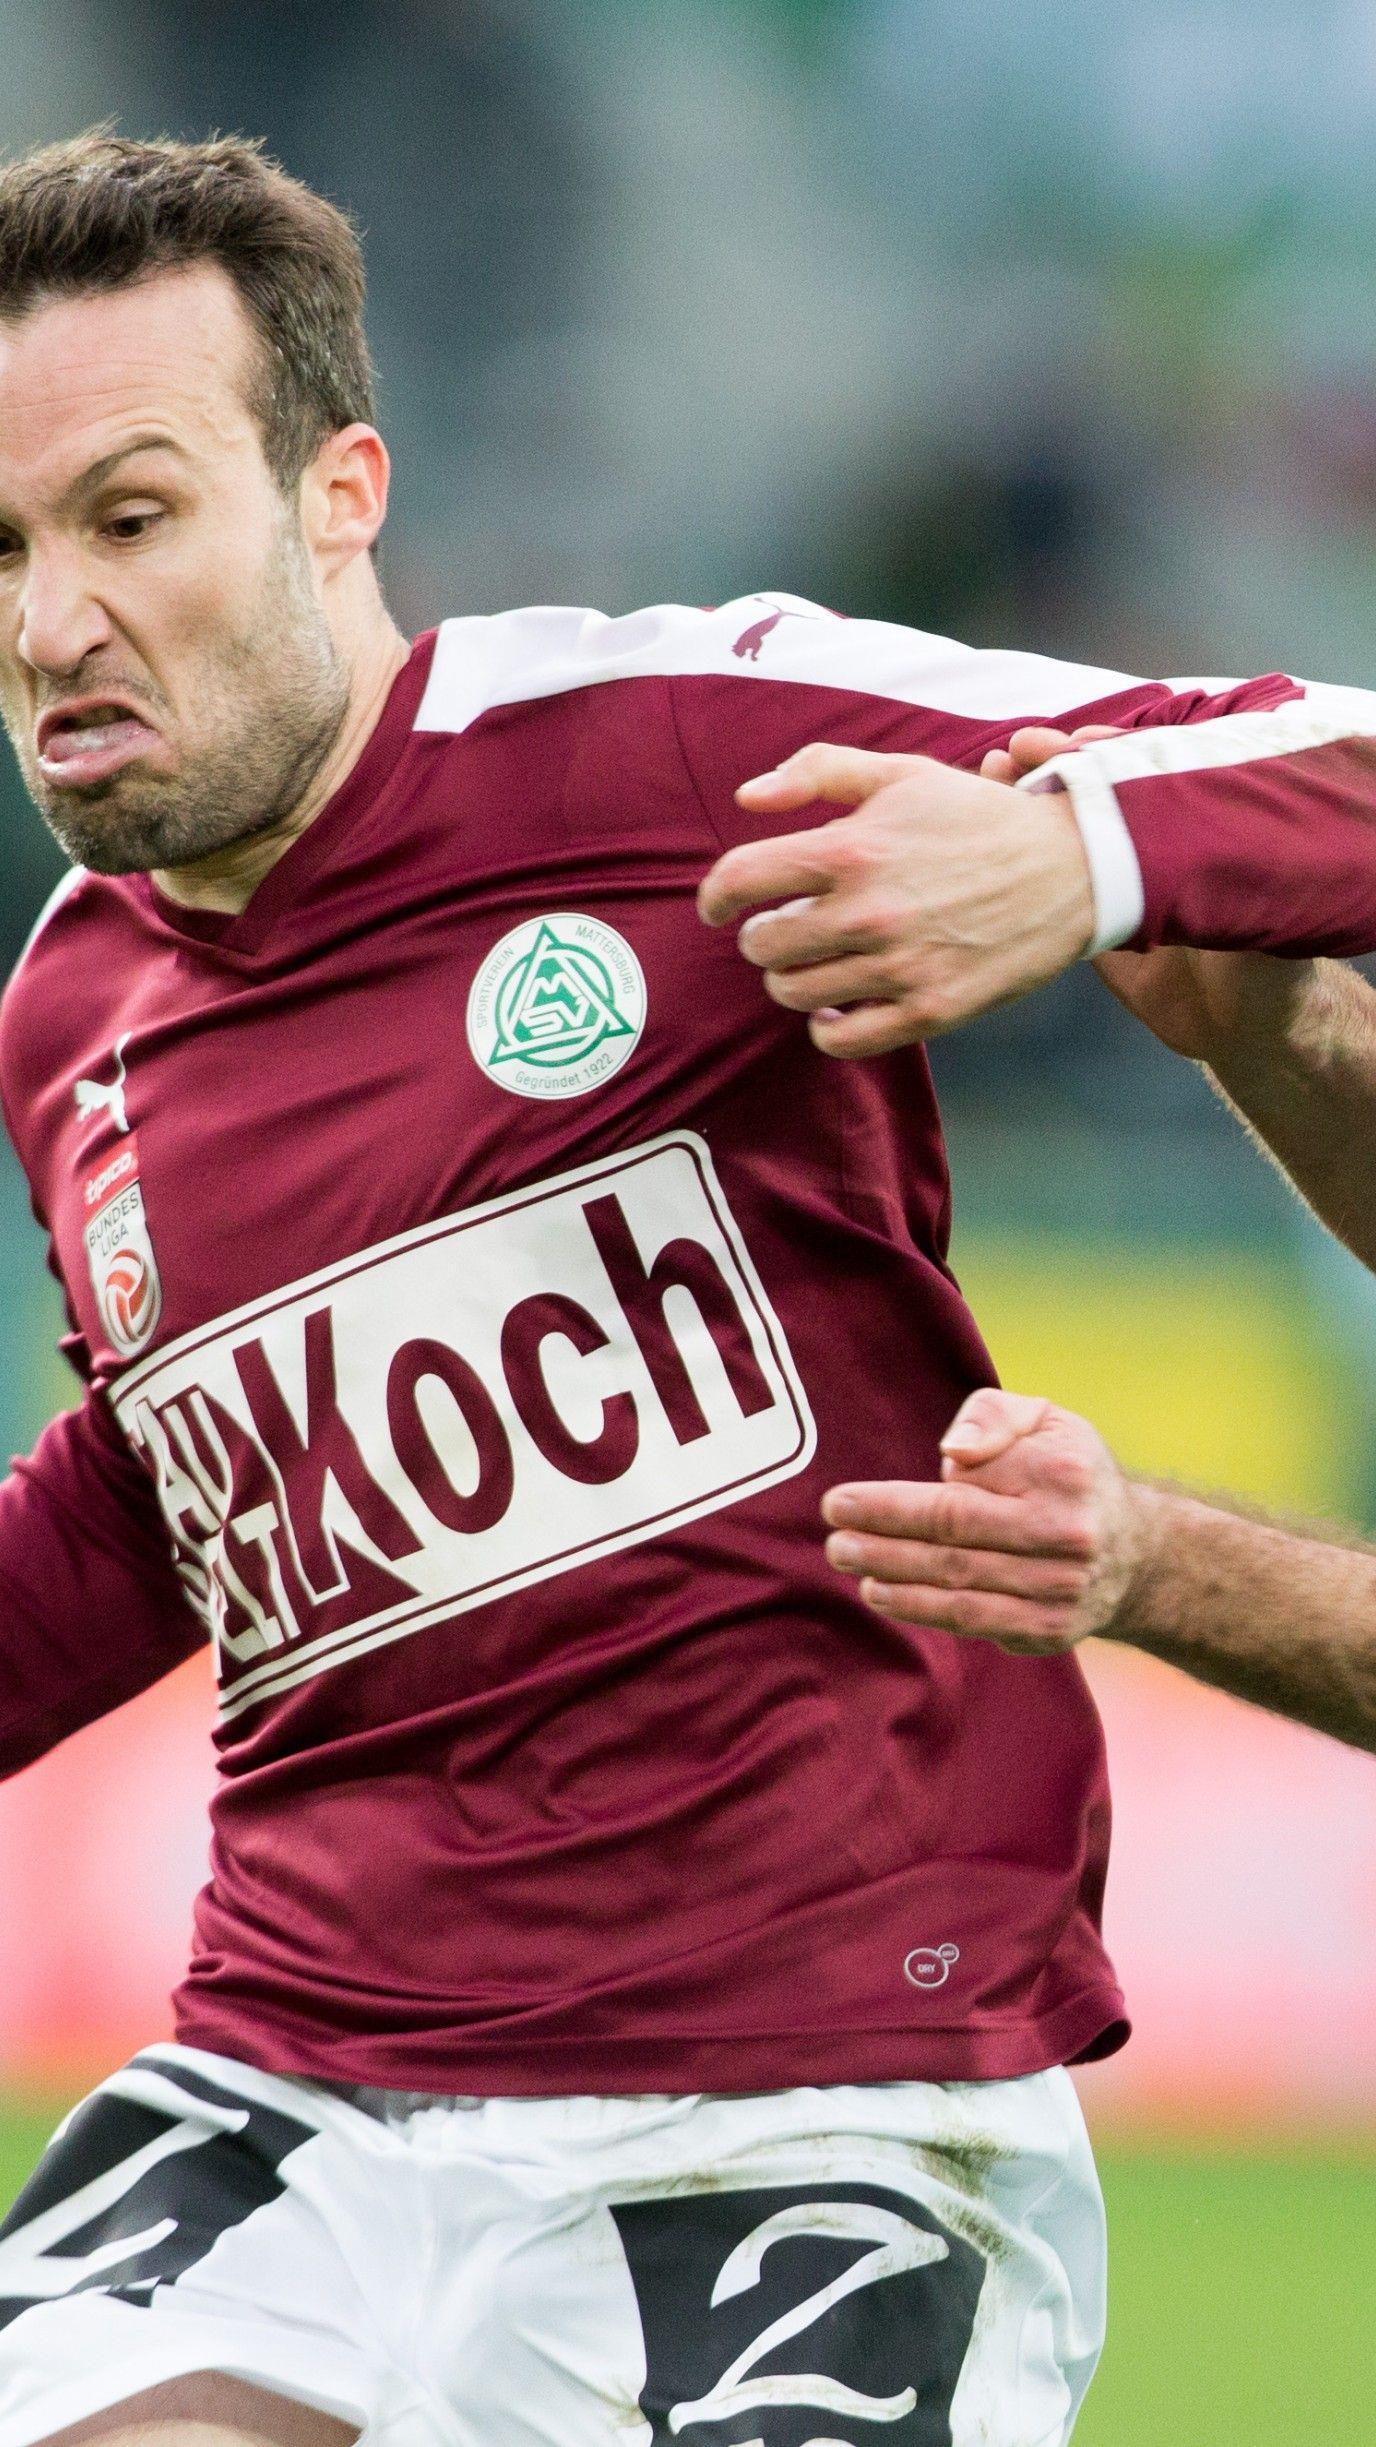 Der Live-Ticker zum Bundesliga-Spiel zwischen Rapid Wien und dem SV Mattersburg.